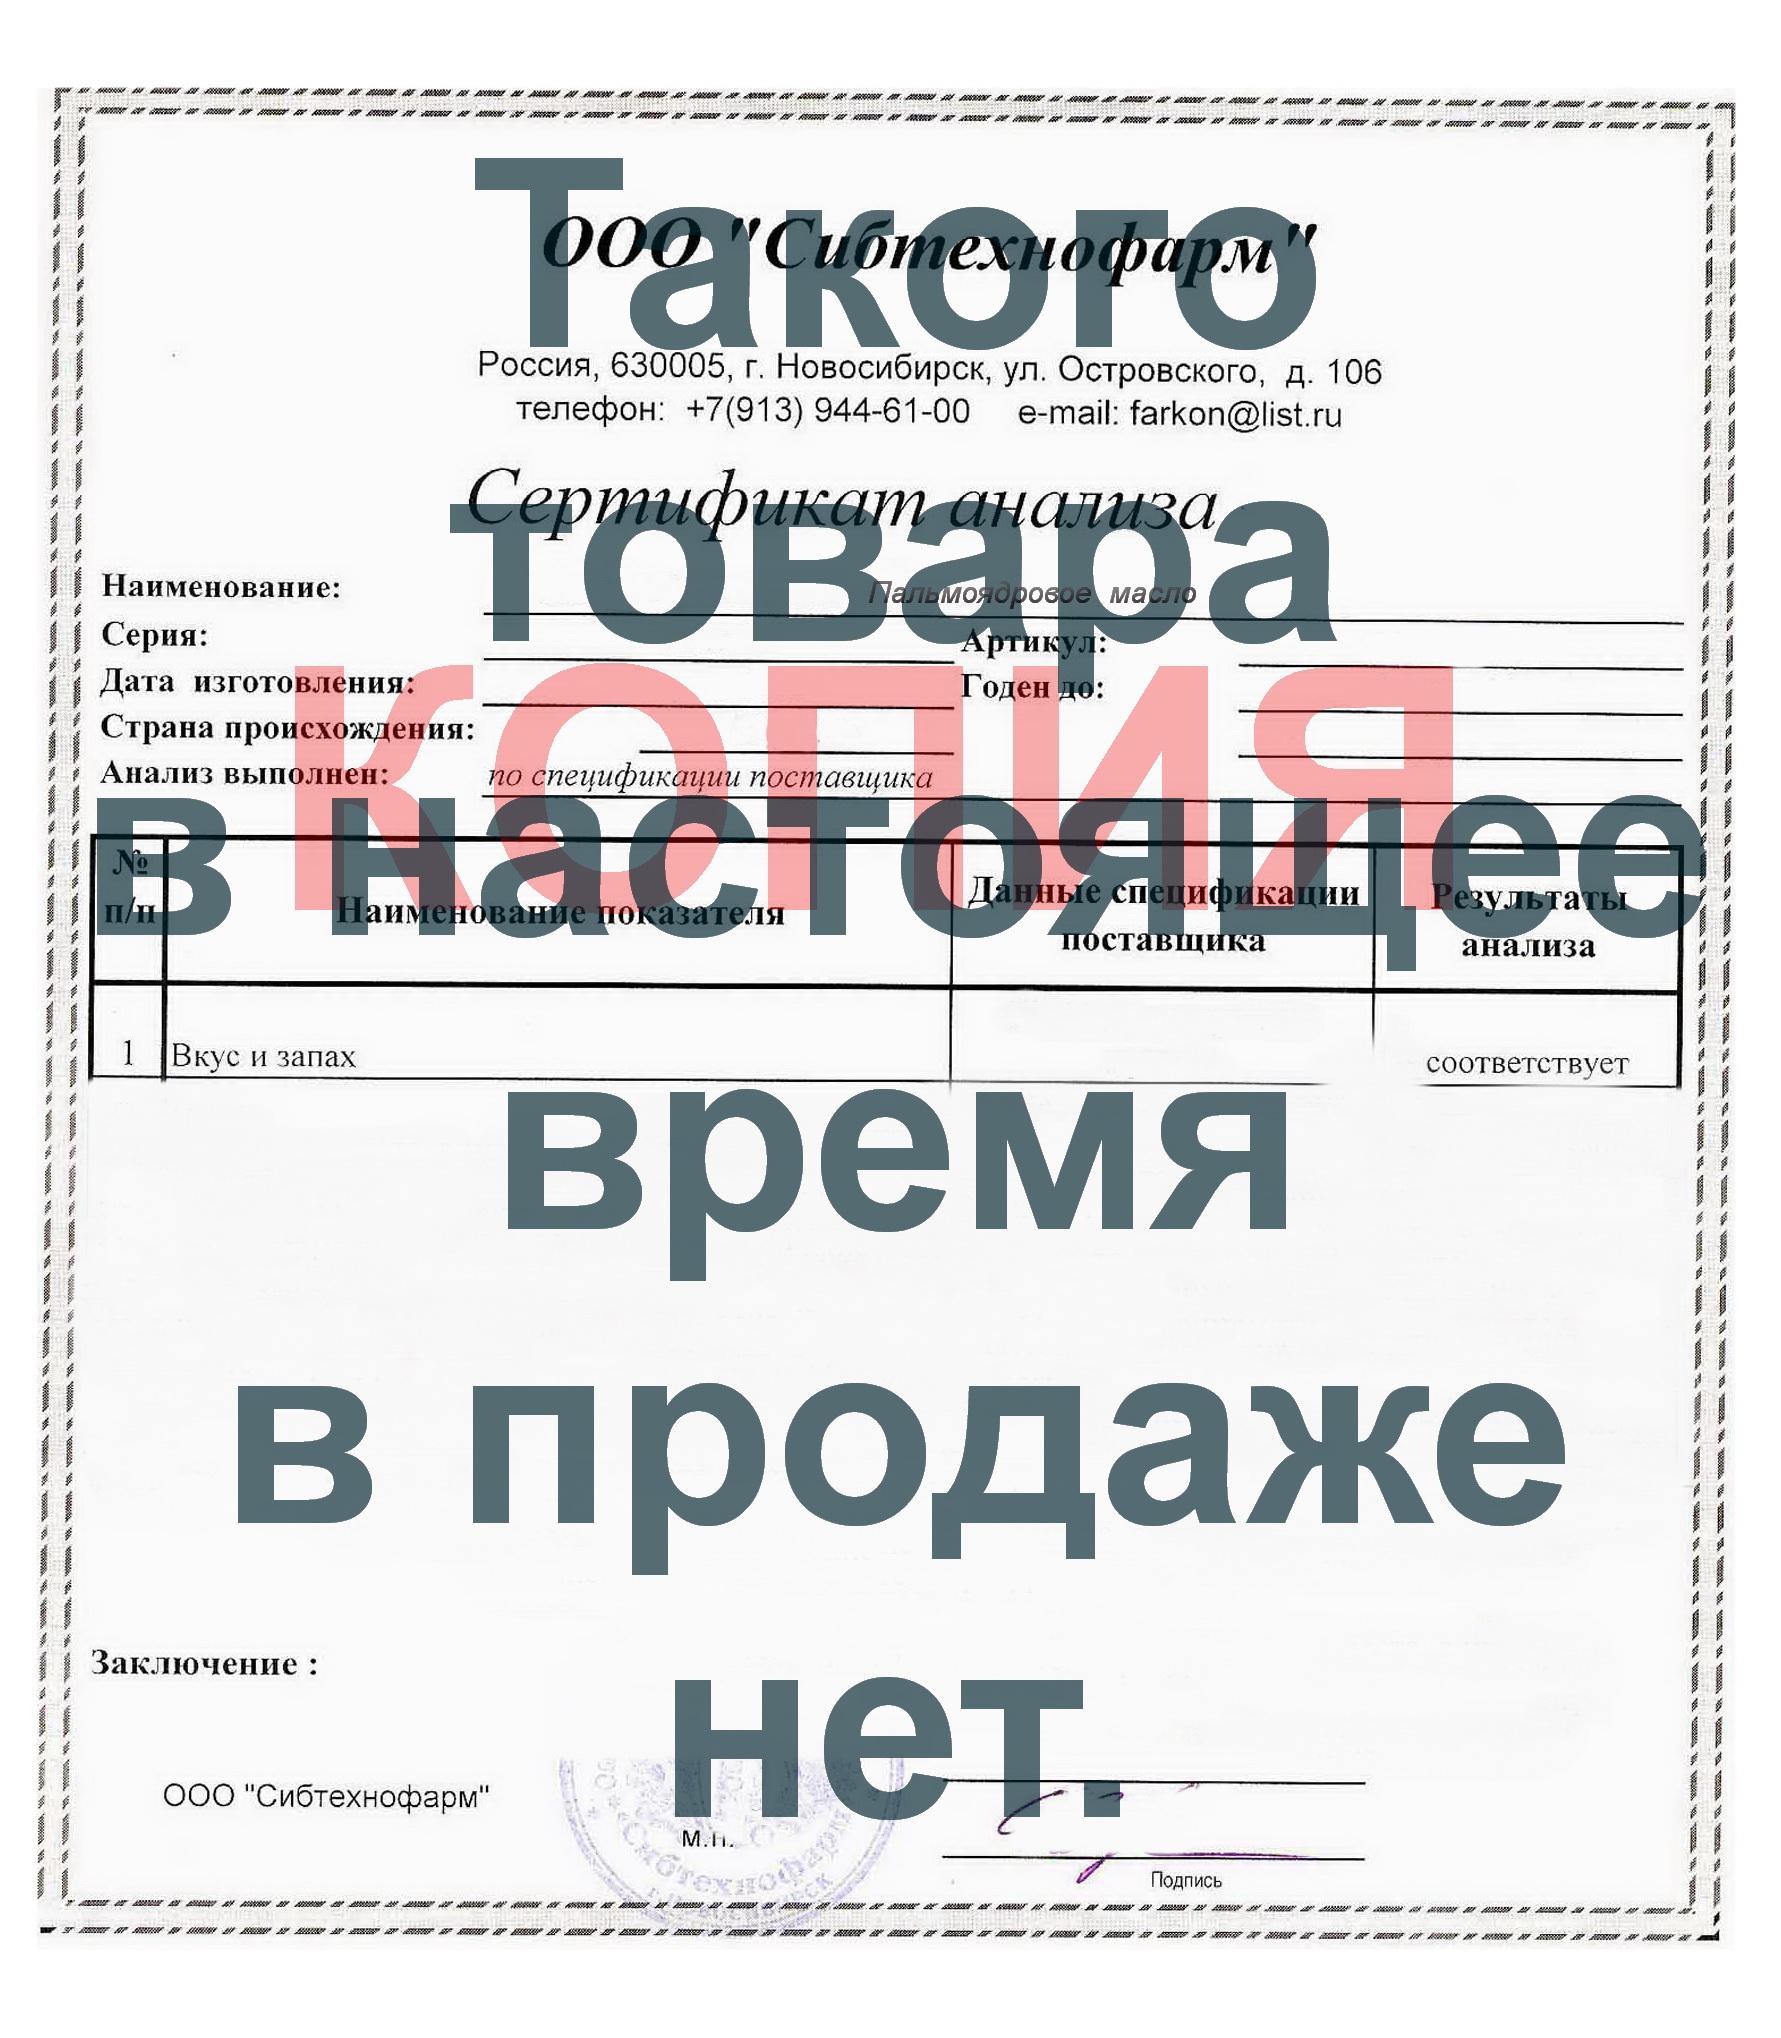 Сертификат анализа пальмоядрового масла